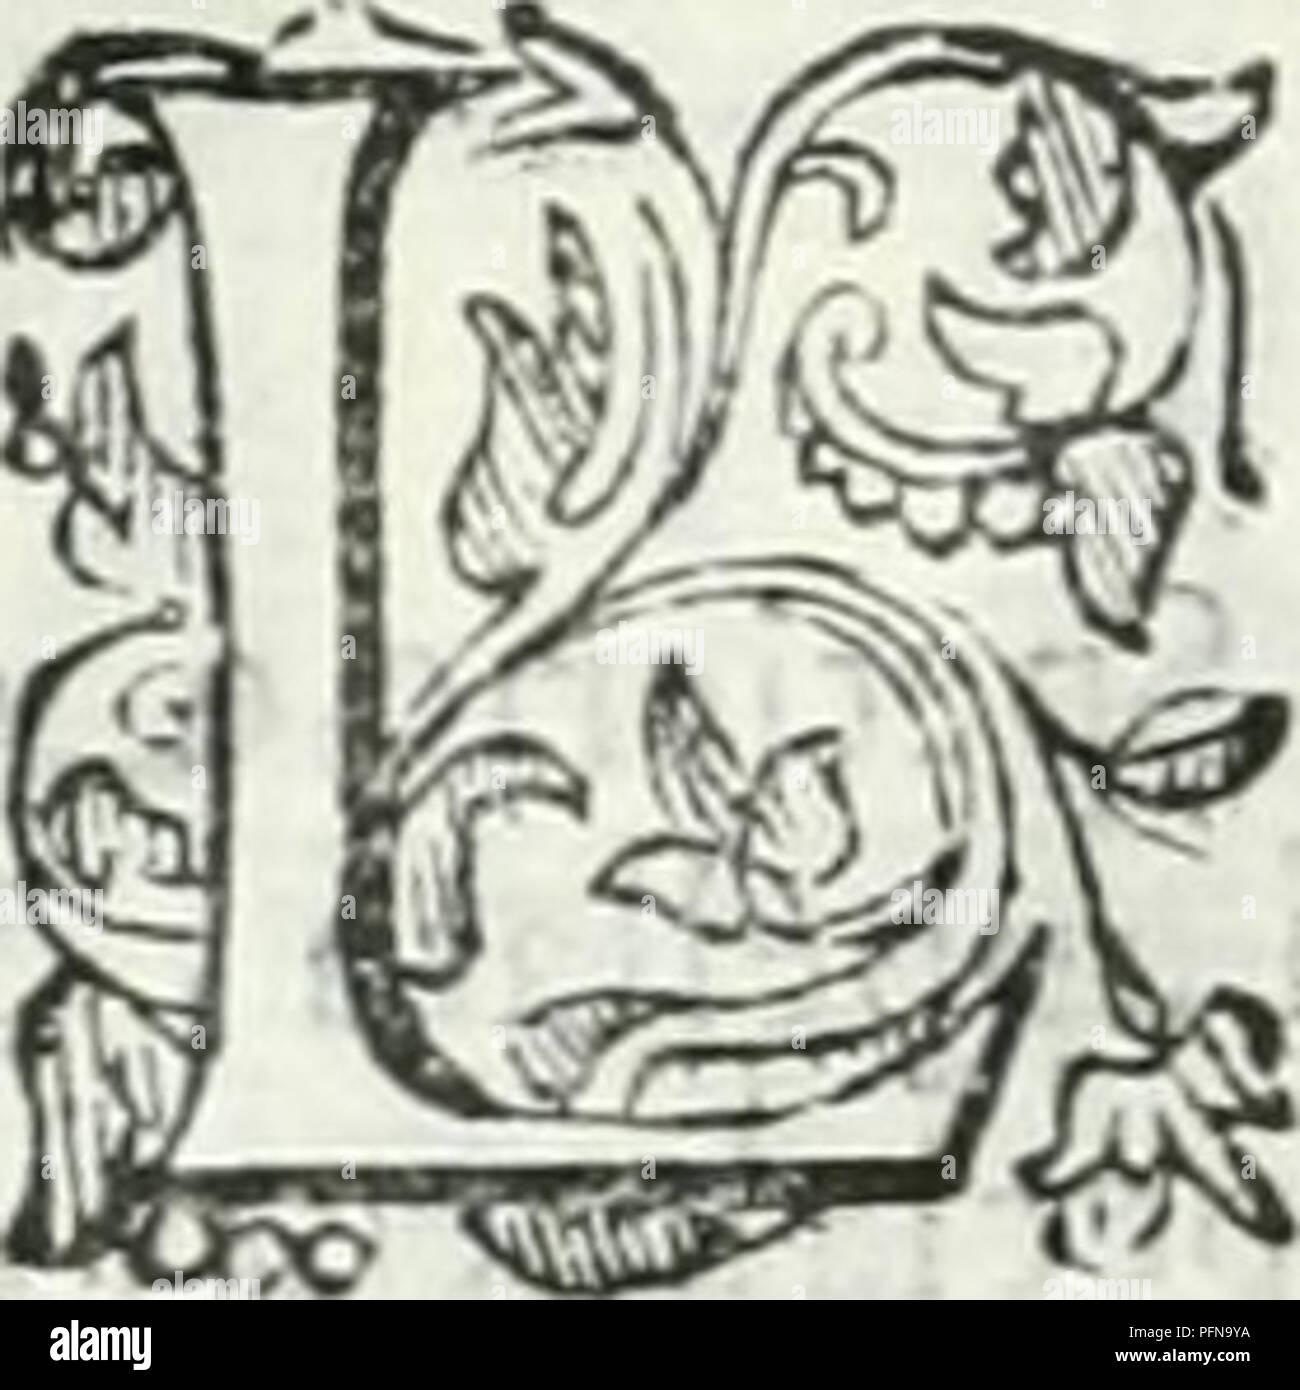 """. Dell'elixir vitæ. Elixir de la vida; la destilación; Alquimia; plantas medicinales; medicina; Taller de recetas. 6% dell'Elixir Adiamo Vitse, CalliÂ"""" Tricon, &Amp; Poli tricon col Ca- PTI no lo venere vna mecieli- ma coi'a . Ira, e virtù Quii del Capei vene re. i'ar:i del corpo, sel prenderlo .rimedio dal ca- pti venere, vaya- h, > ilnca, p<r- roVe polmone . Al fla^o del CDR pò fi di il capei venere. TI Cardo fanto, carjq benedet a anche è no- minato . Cnico,& Arrra- rife che cola_, fiano. Del coche no fanto Ridice à nulla ginua.' Ridicola più co OIT che vera vir tu dej Cardo sa a ⢠Con Foto de stock"""